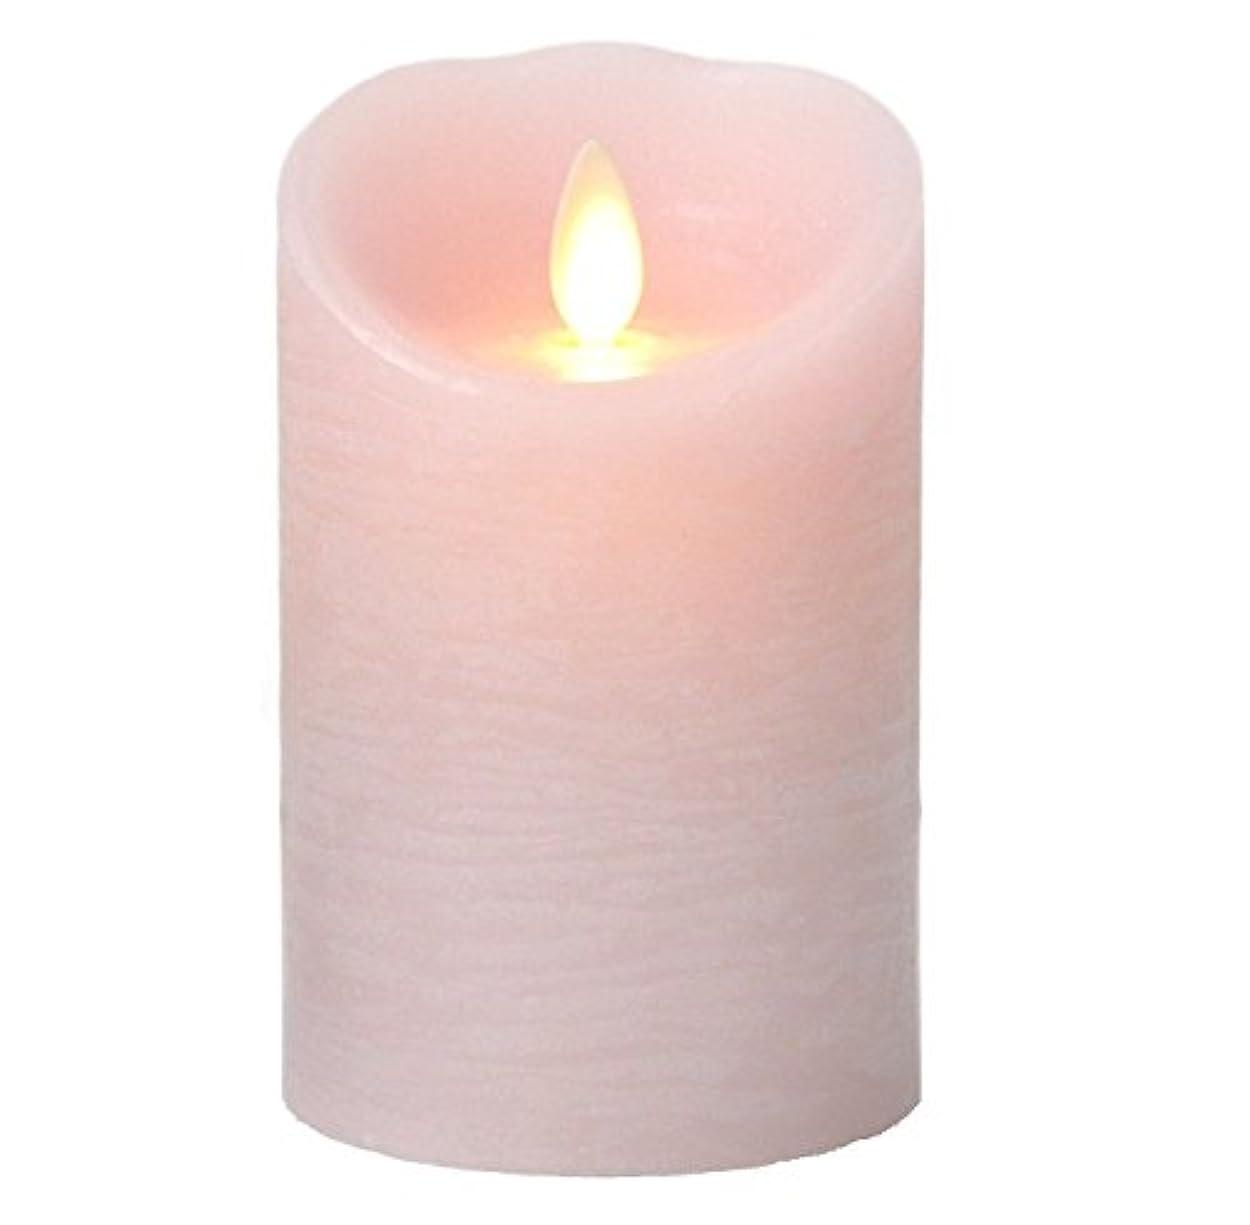 充実クリーク優遇LUMINARA(ルミナラ)ピラー3×4【ギフトボックス付き】 「 ピンク 」 03070010BPK